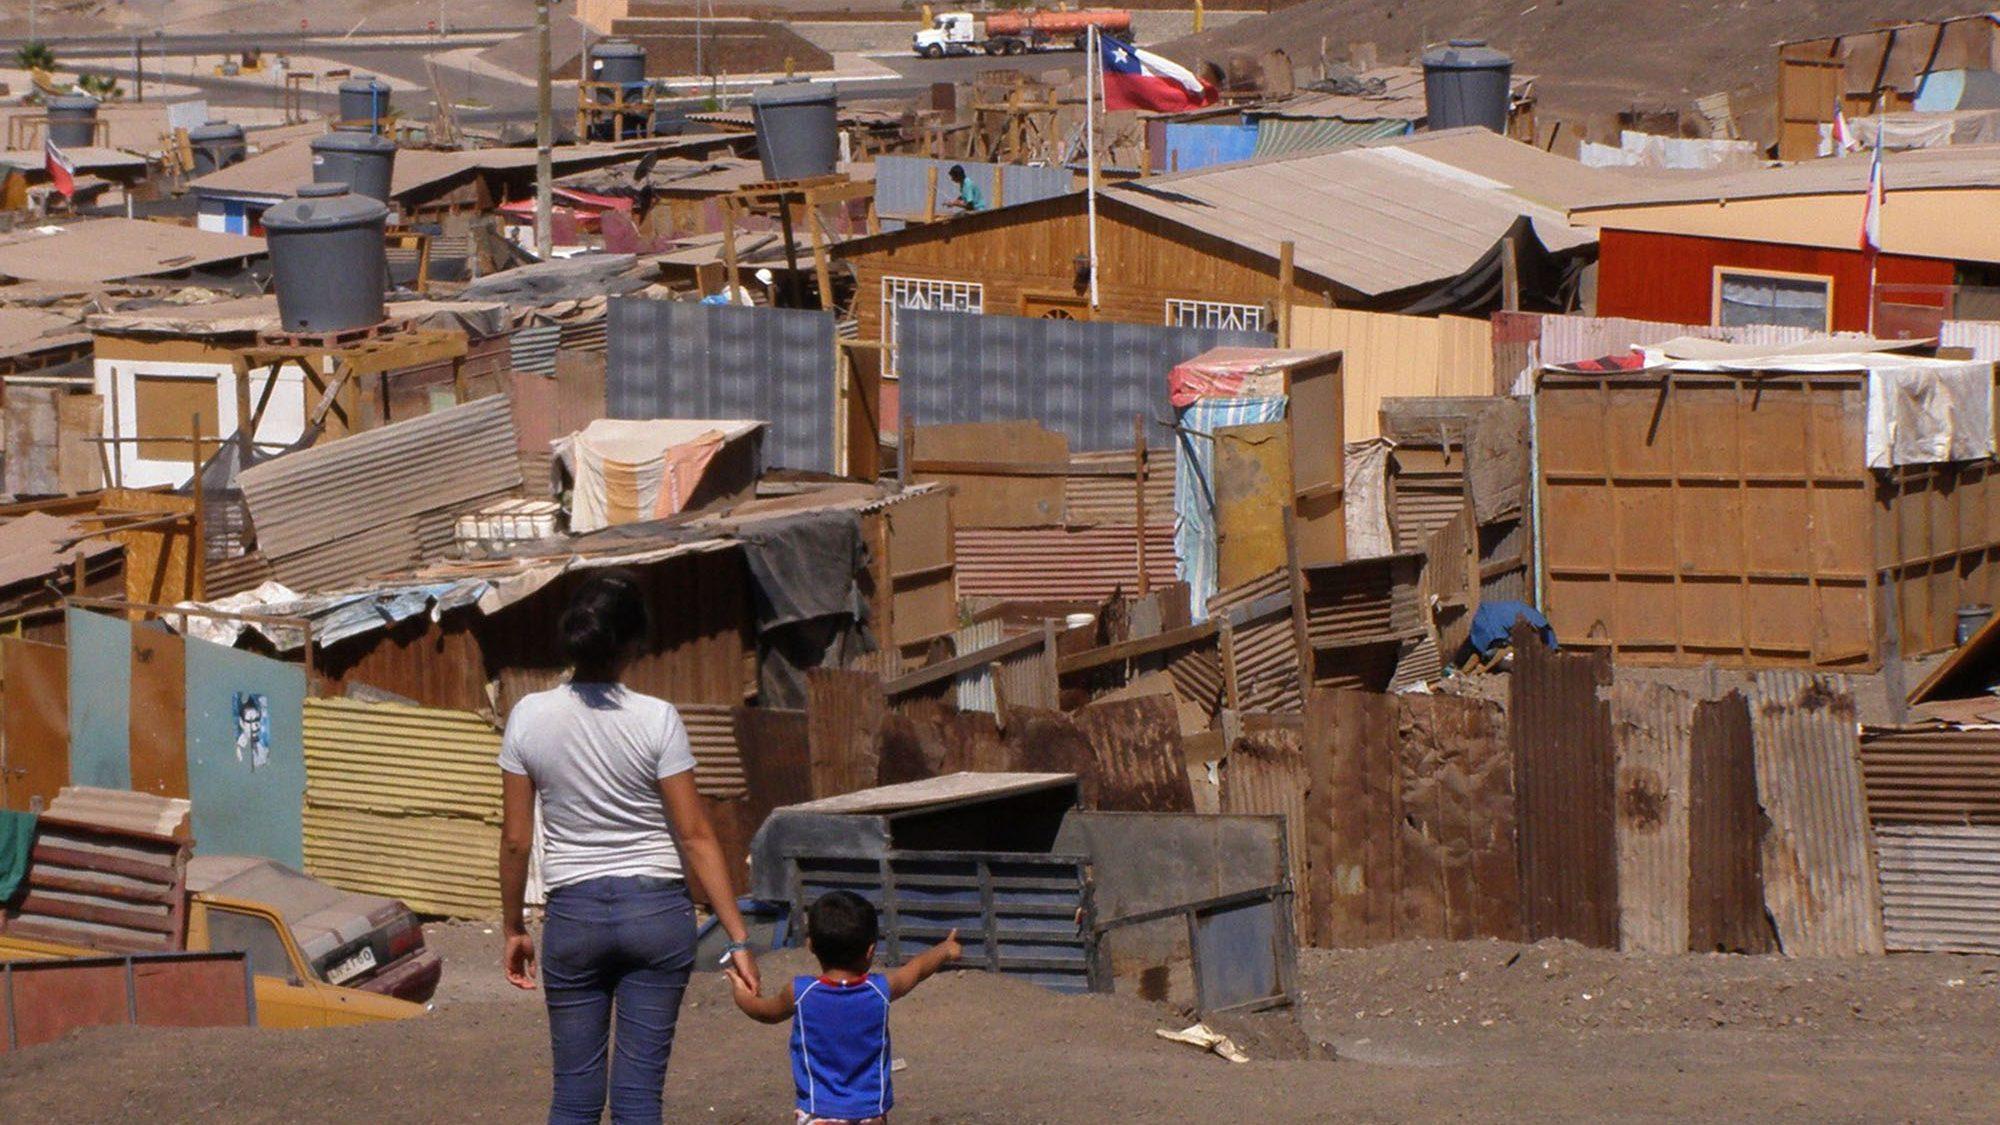 La proliferación de campamentos ha sido uno de los problemas que se han agudizado durante la pandemia.